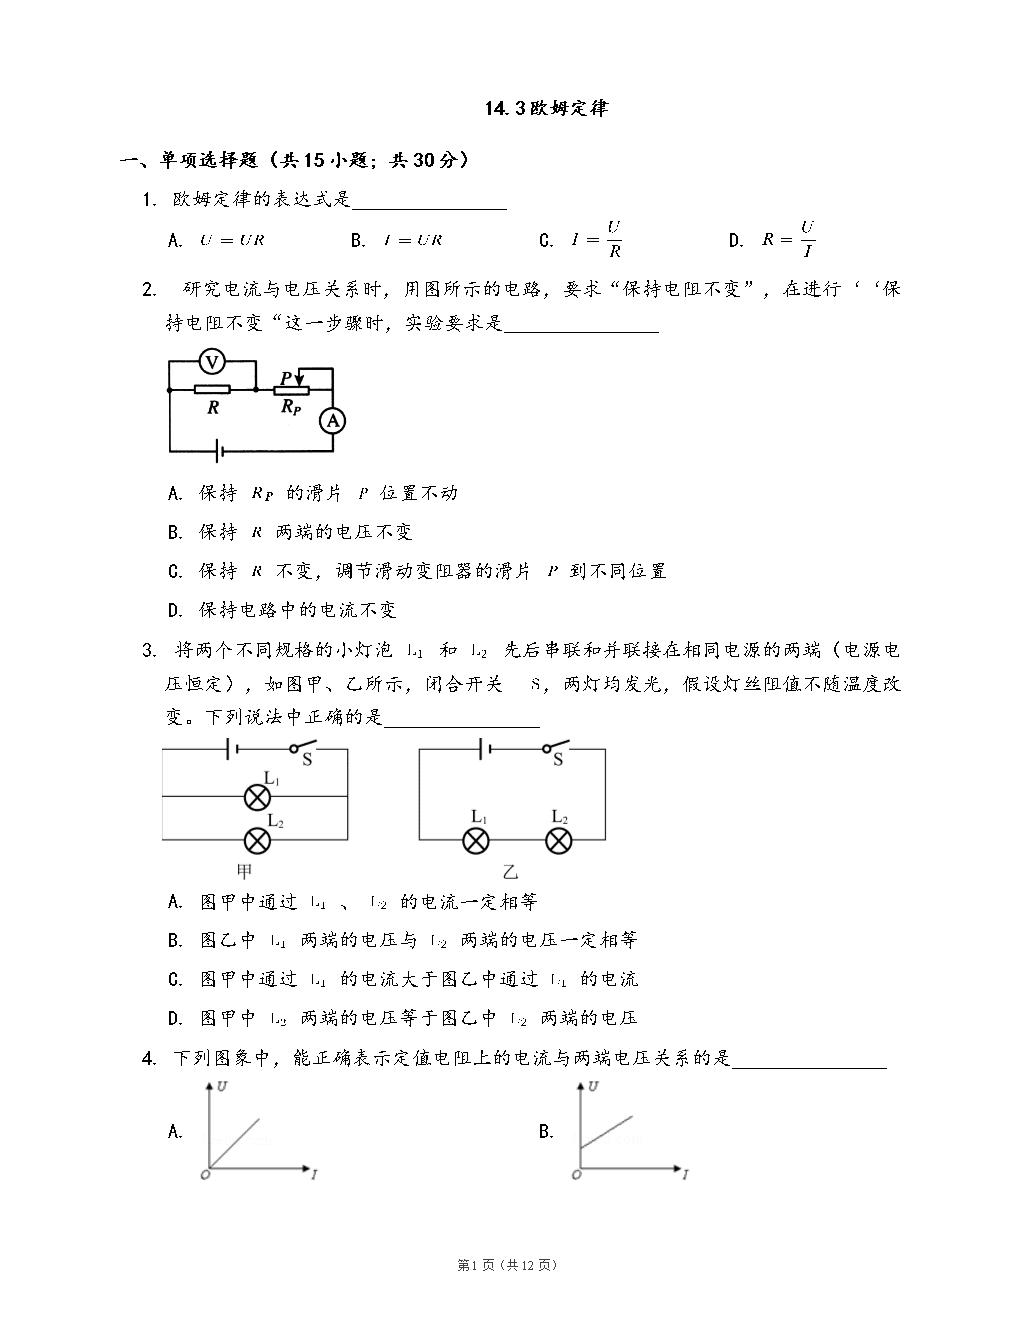 苏科版九年级物理上册一课一练14.3欧姆定律(word版,含答案解析).docx